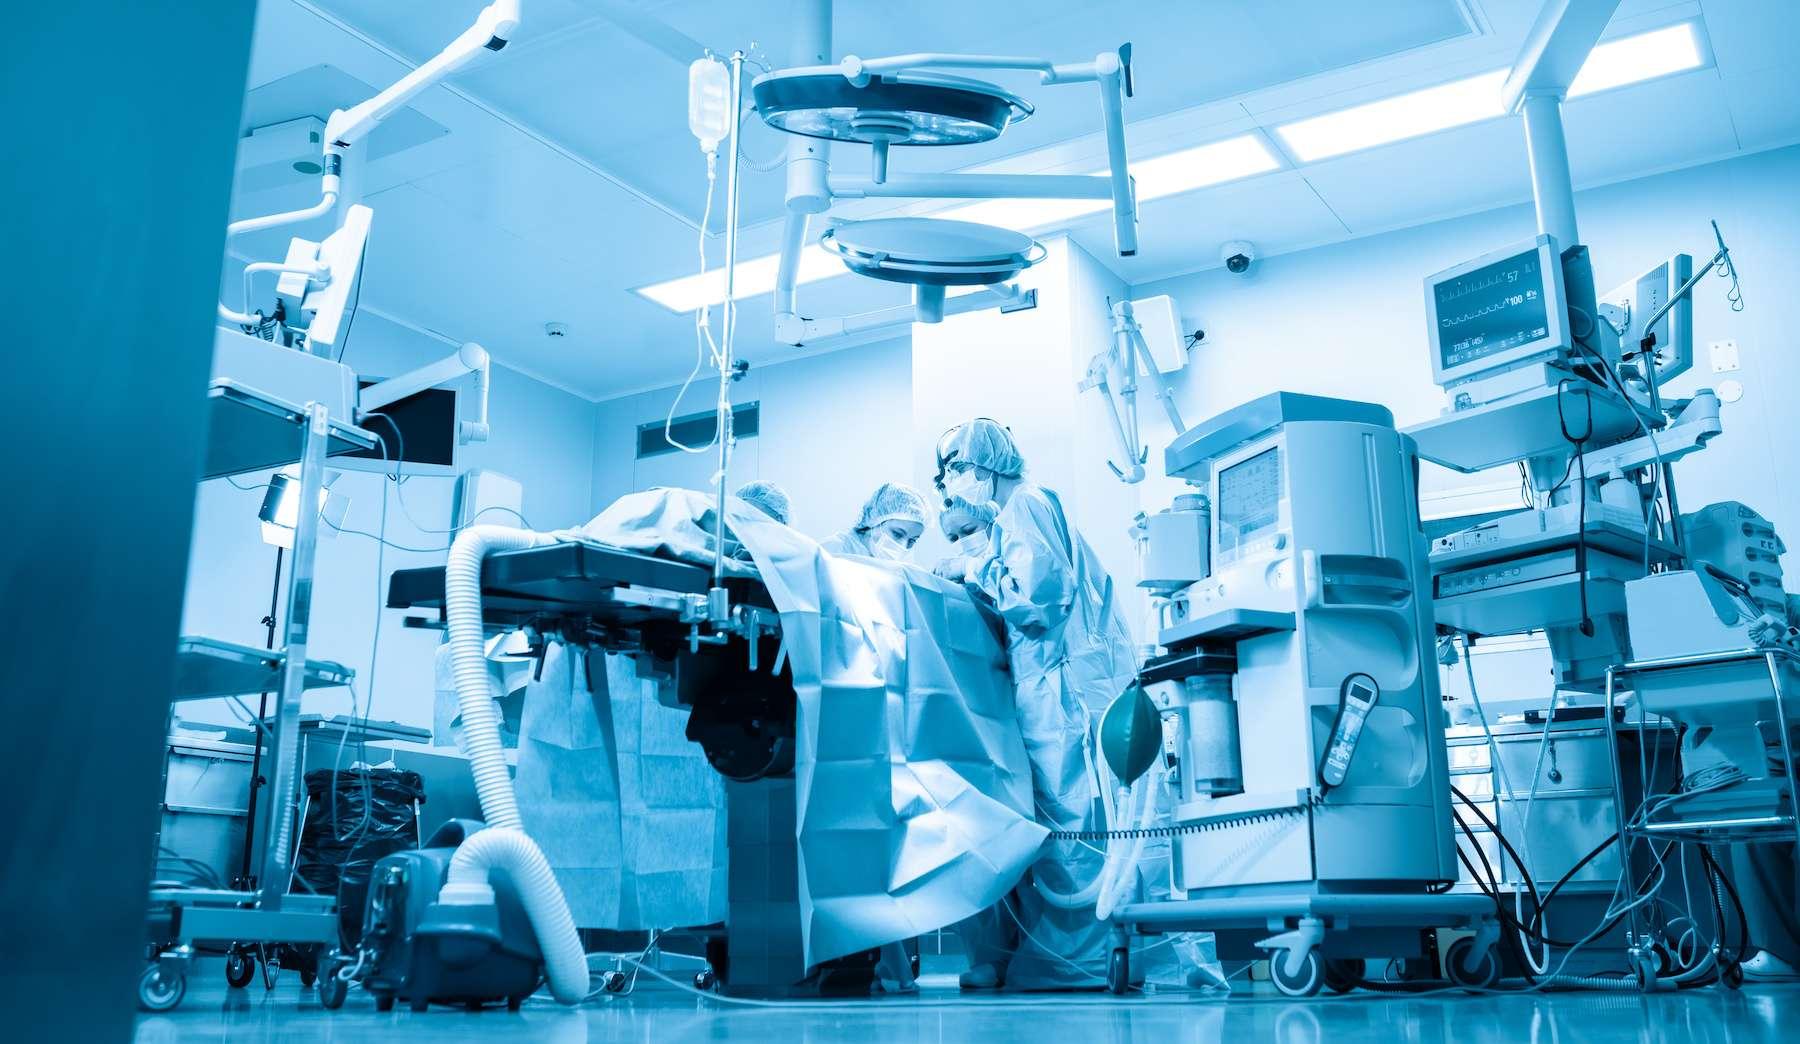 Une Néerlandaise de 89 ans est la première patiente à décéder de la Covid-19 après une réinfection. © Georgiy, Adobe Stock